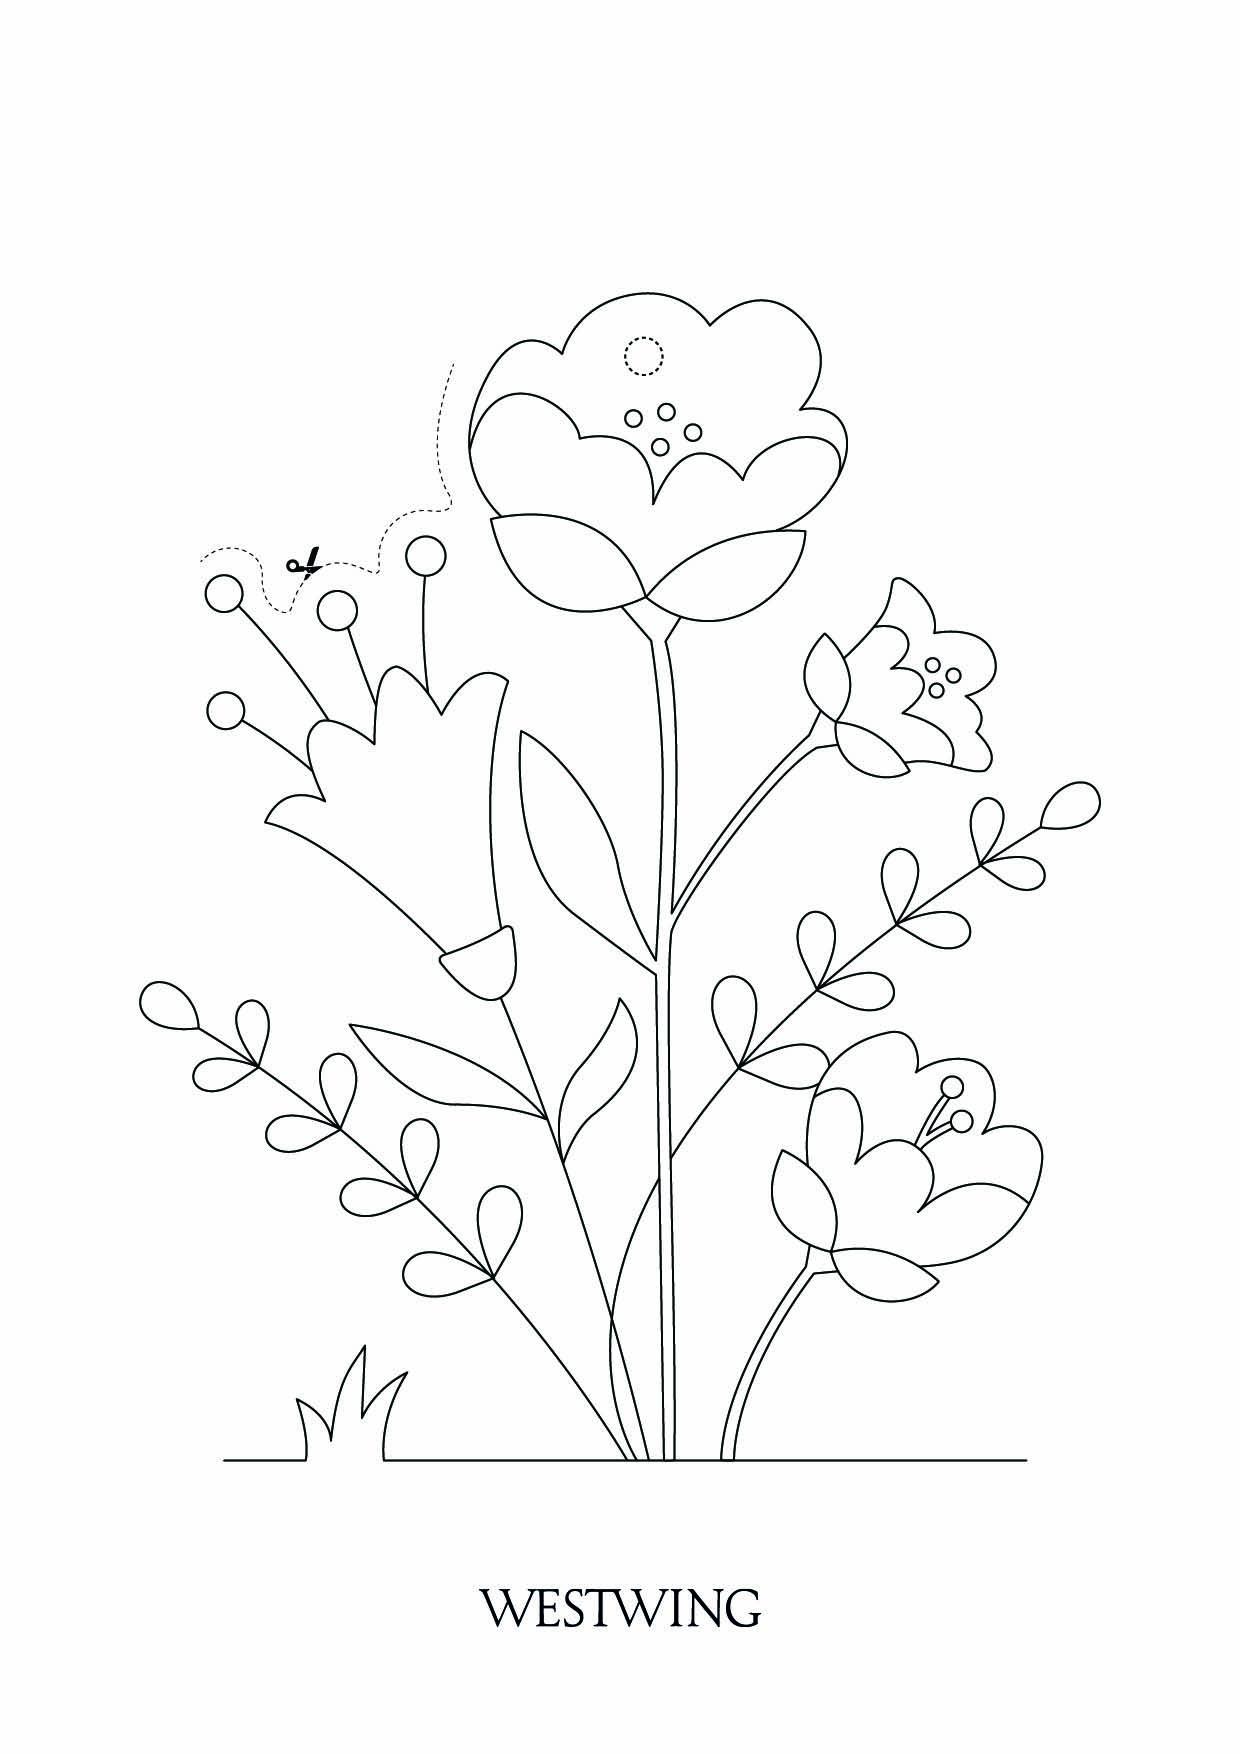 Image de Pâques à télécharger et imprimer pour enfants